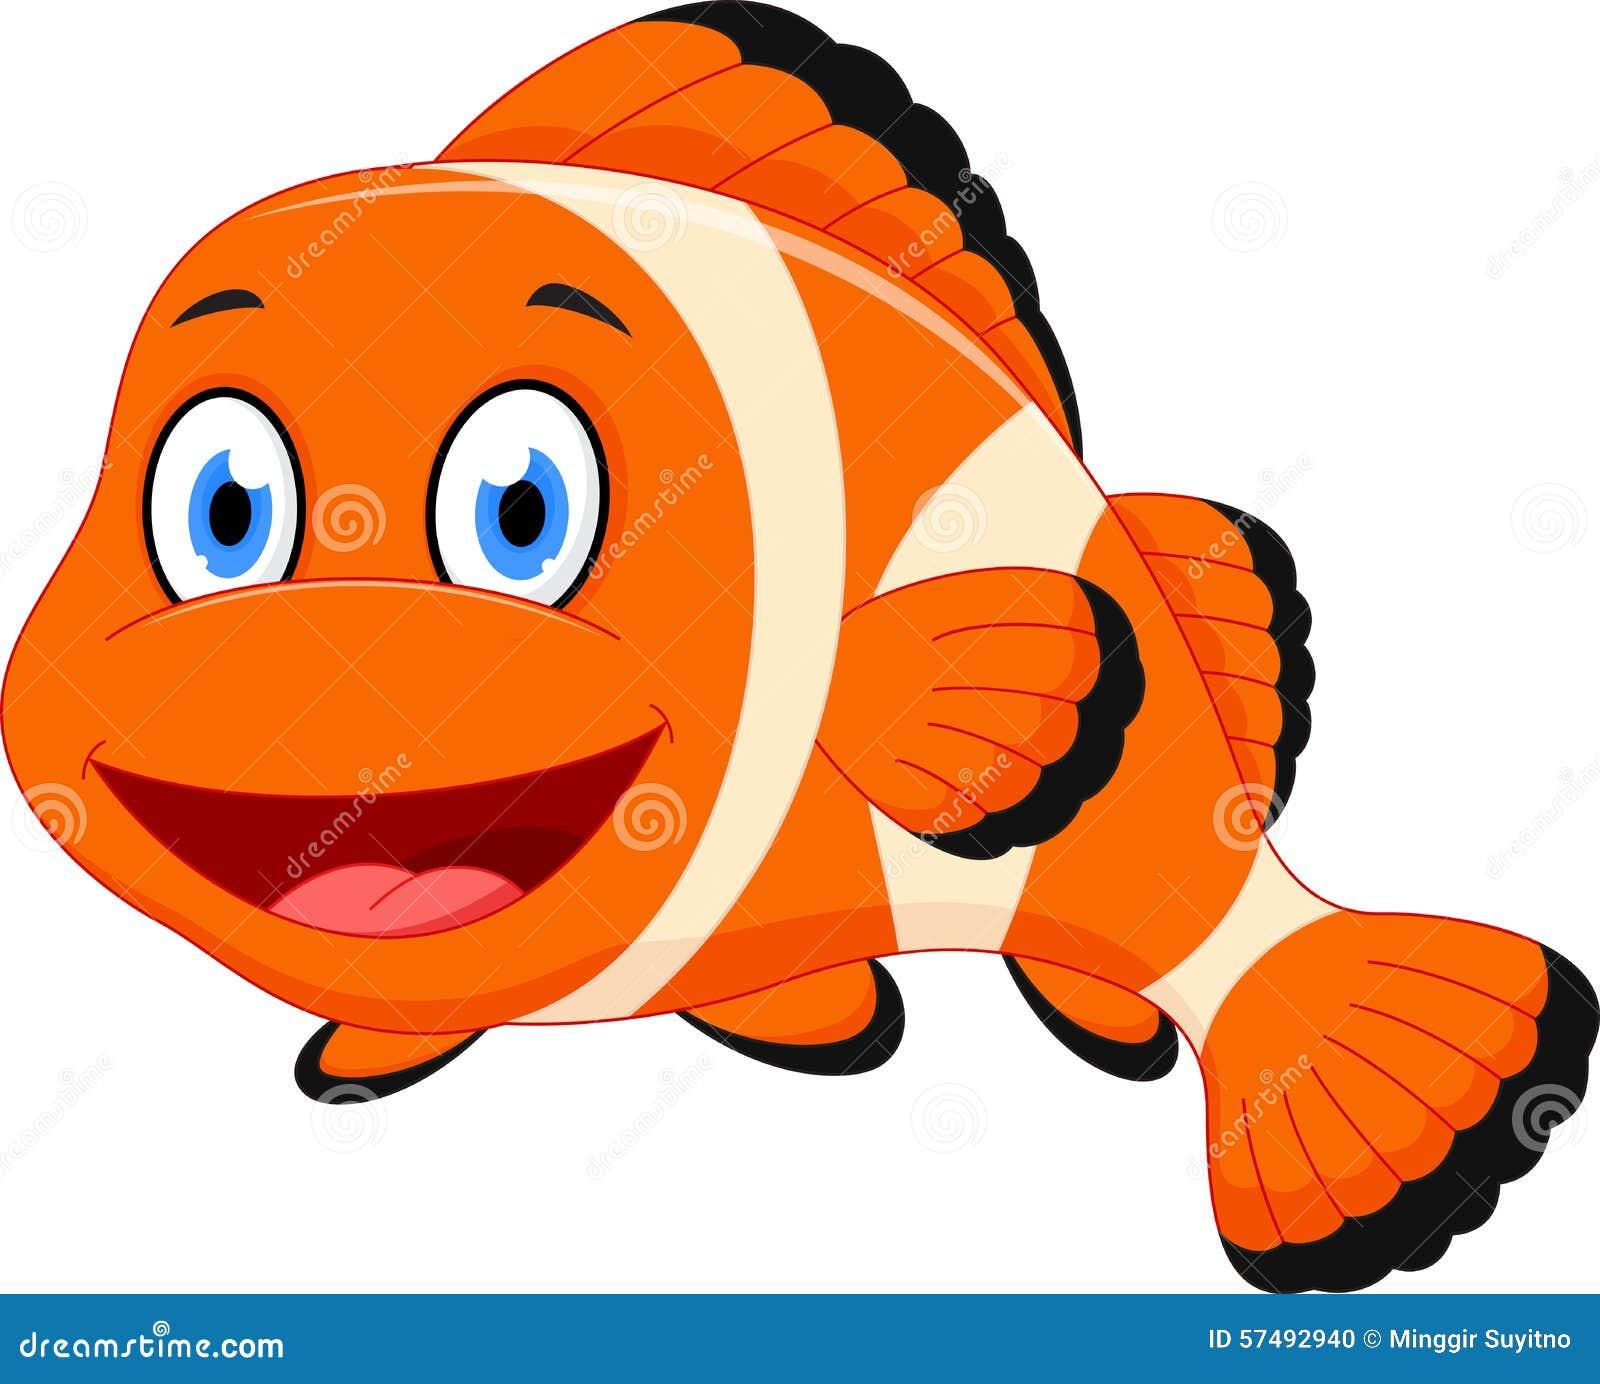 cute clown fish cartoon stock vector image 57492940